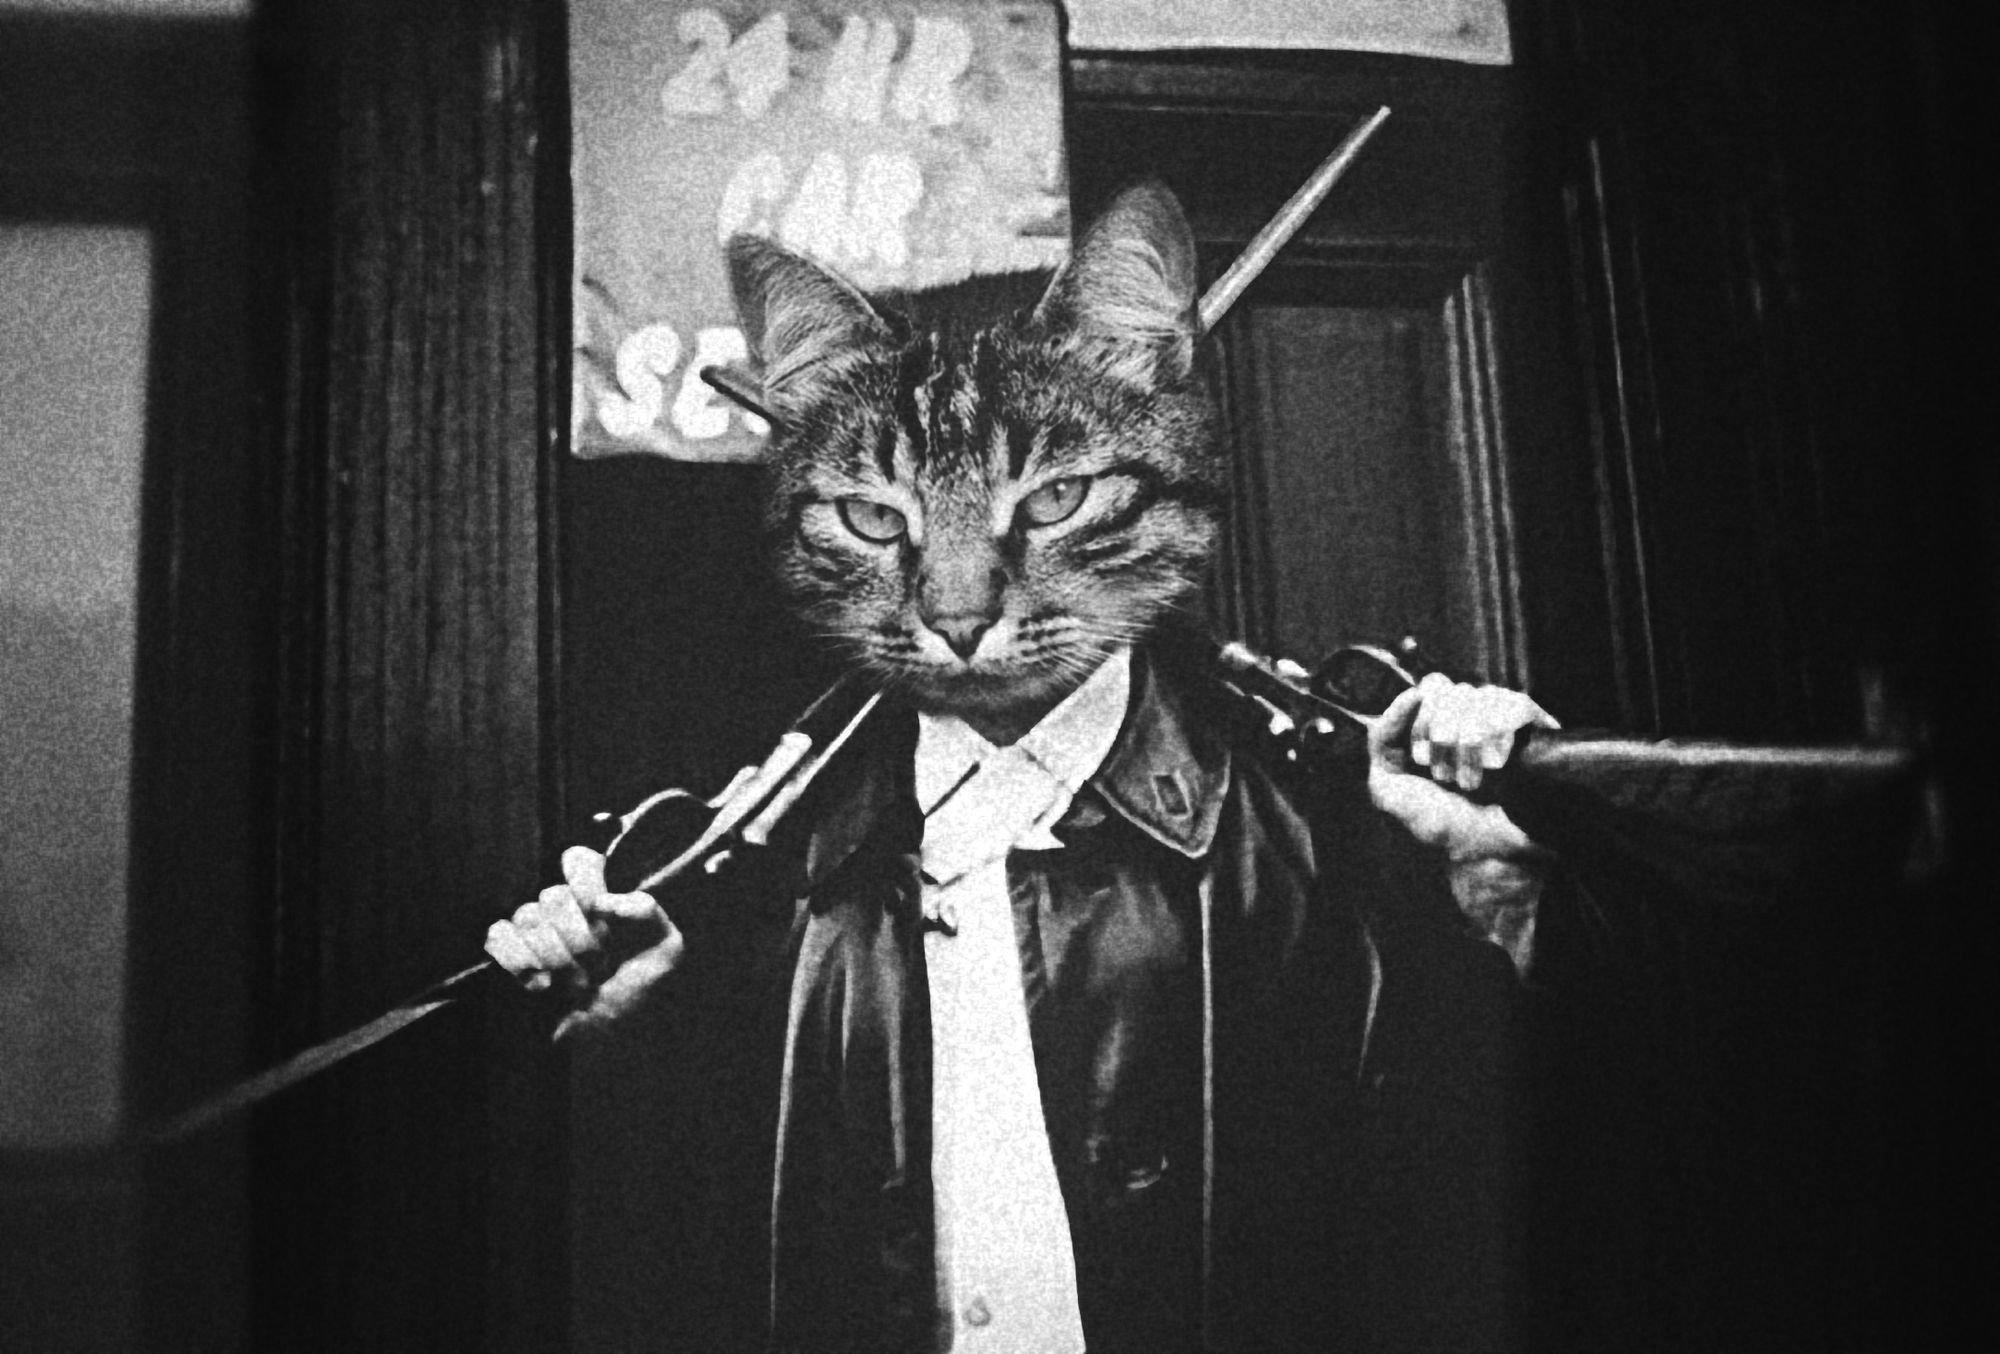 успехов картинки на аву четких котов следует